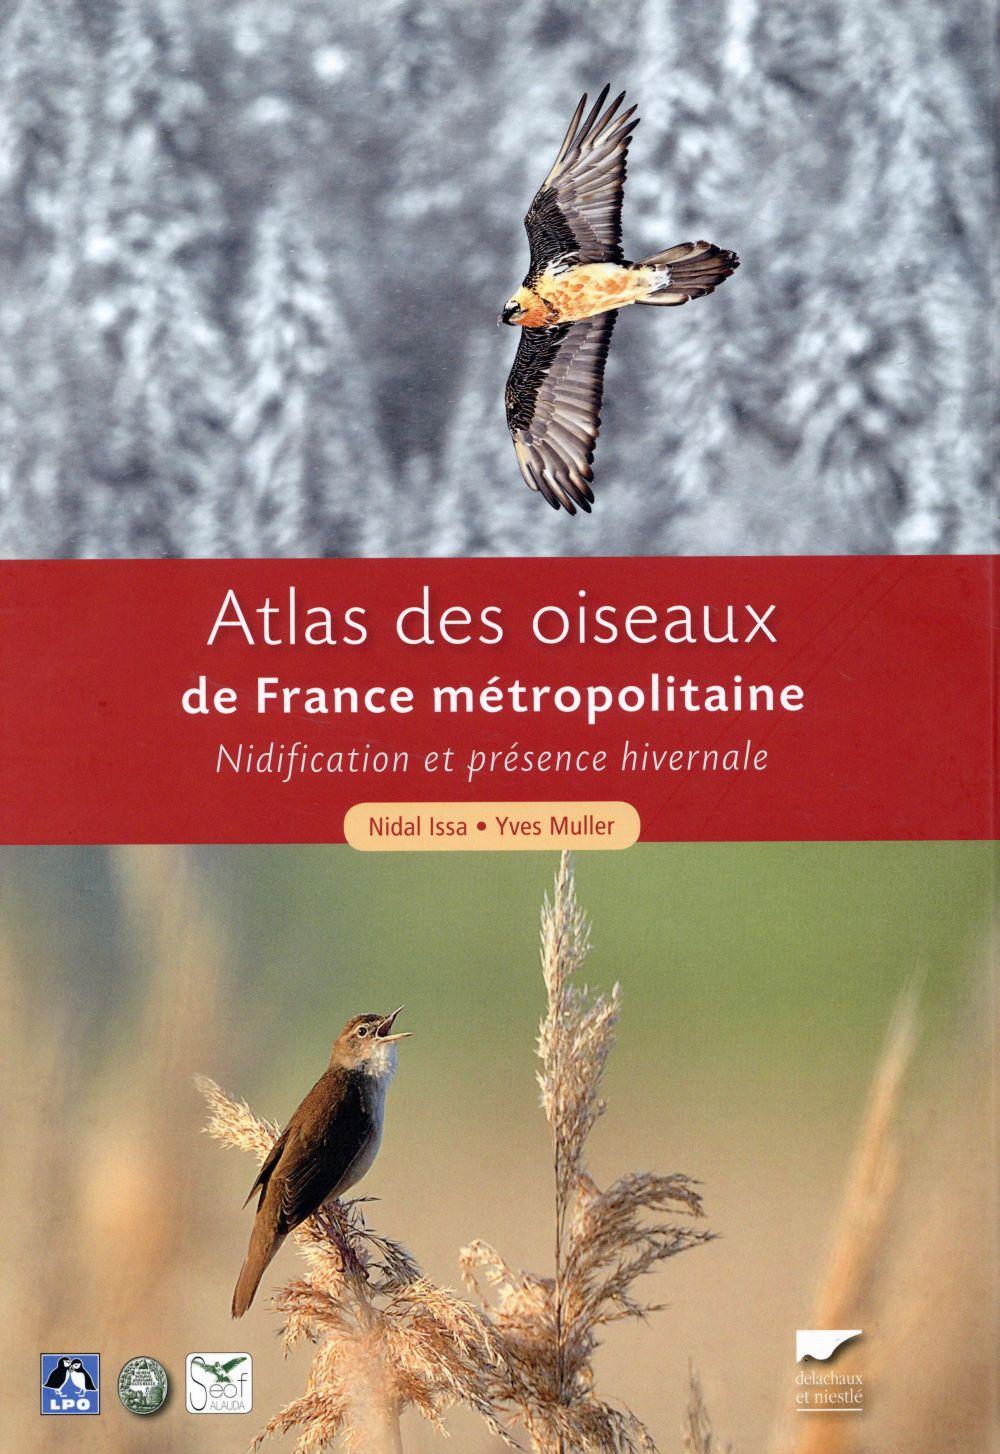 ATLAS DES OISEAUX DE FRANCE METROPOLITAINE  -  NIDIFICATION ET PRESENCE HIVERNALE ISSA NIDAL Delachaux et Niestlé